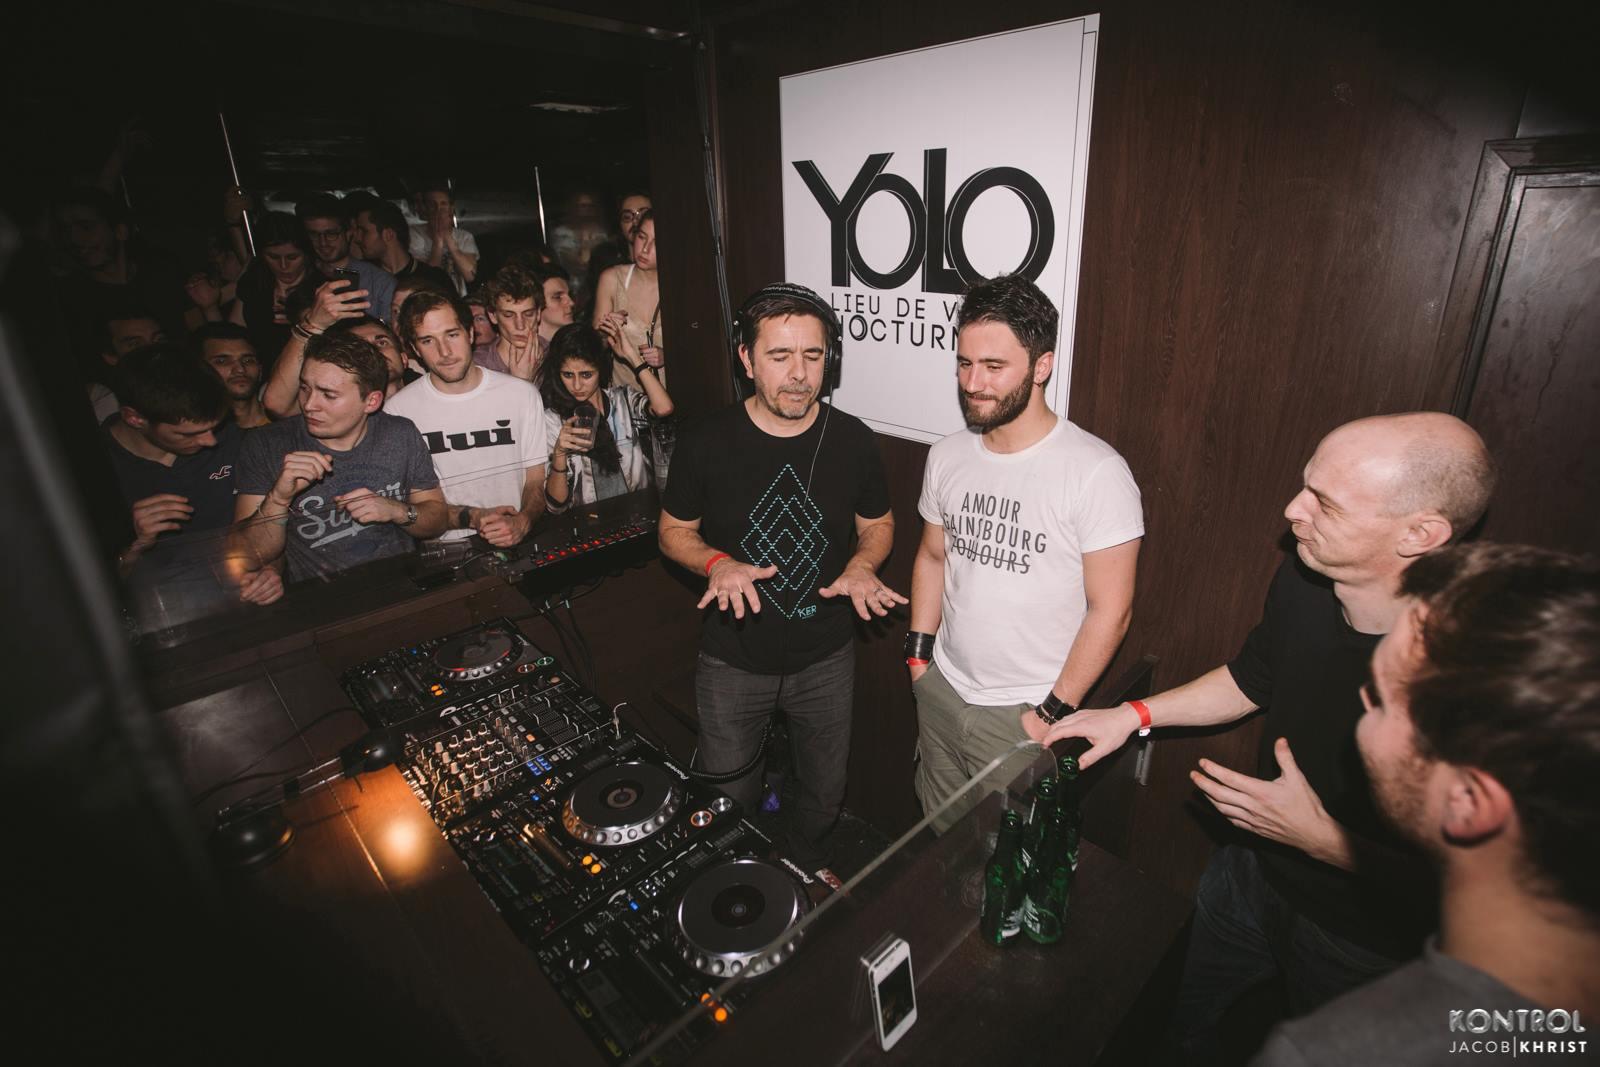 Marst & Laurent Garnier @ Yolo Club, Rouen